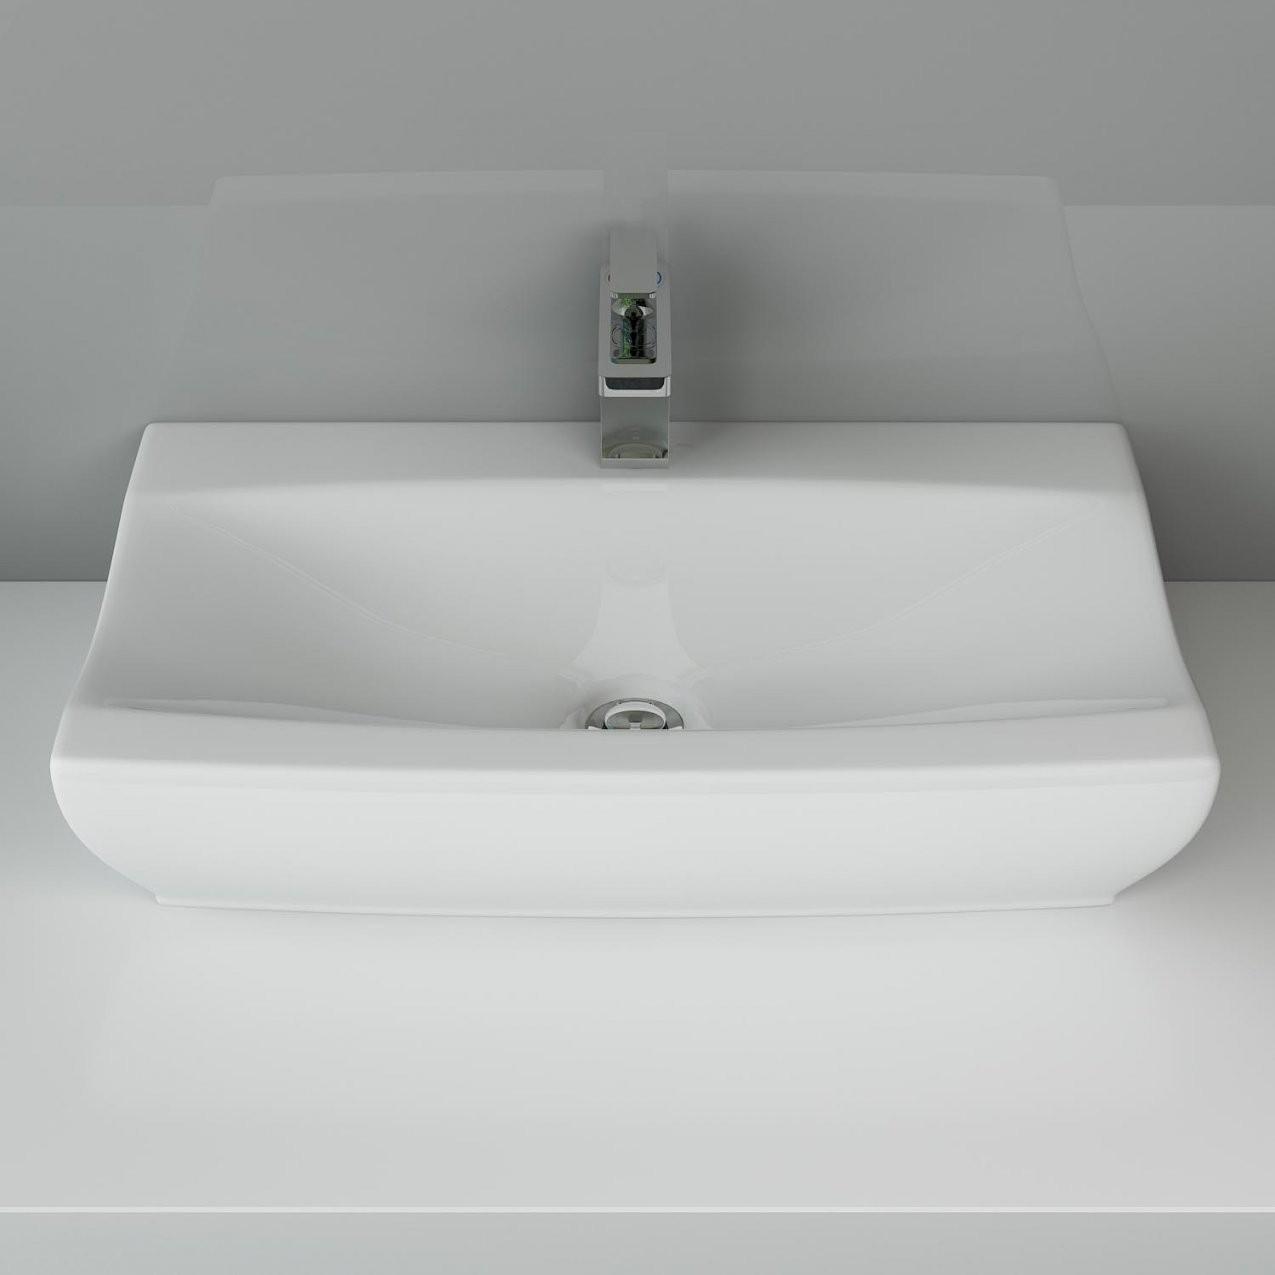 Waschbecken Aufhängen Höhe – Glucut von Standardhöhe Waschbecken Bad Bild